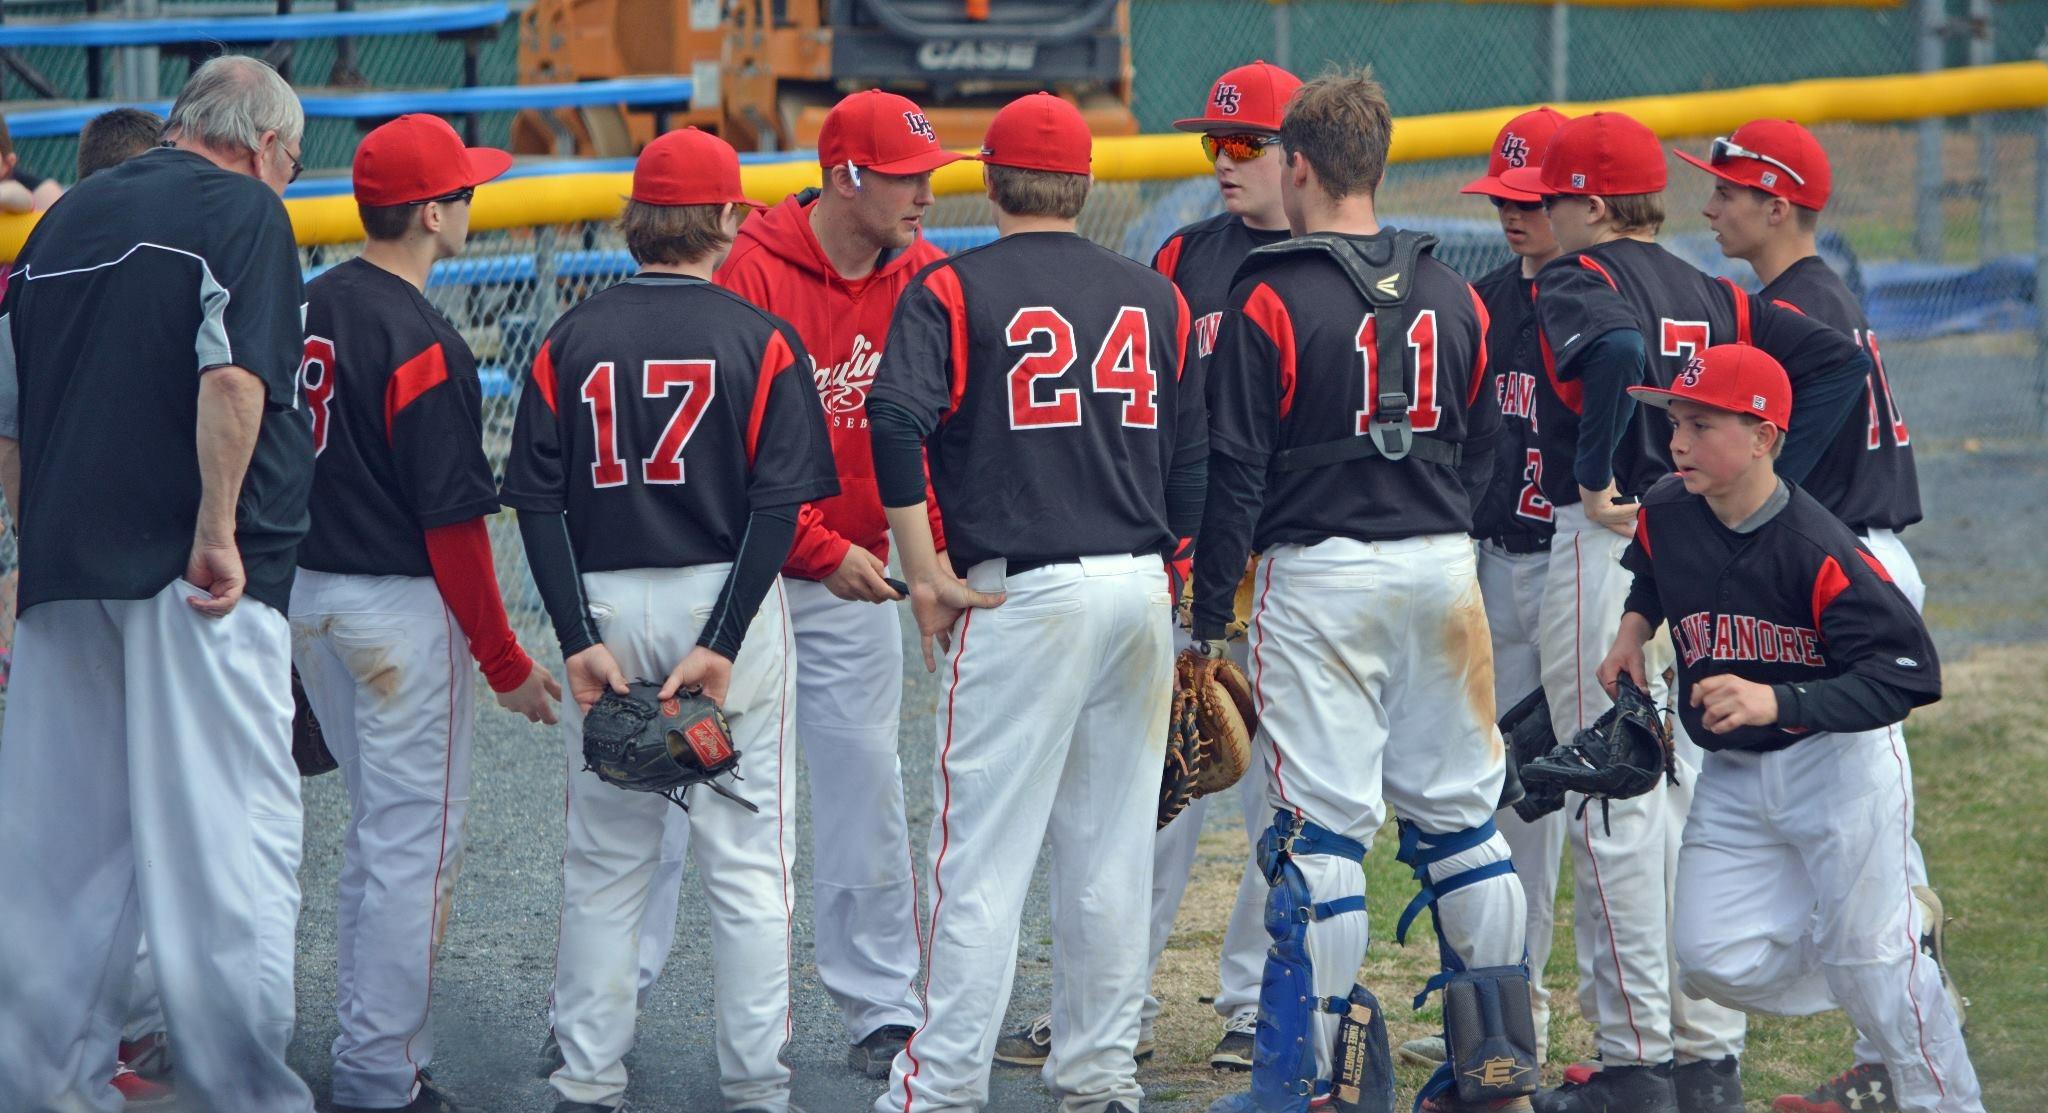 The Lancer JV baseball team huddles together during Tuesday's game against Walkersville.